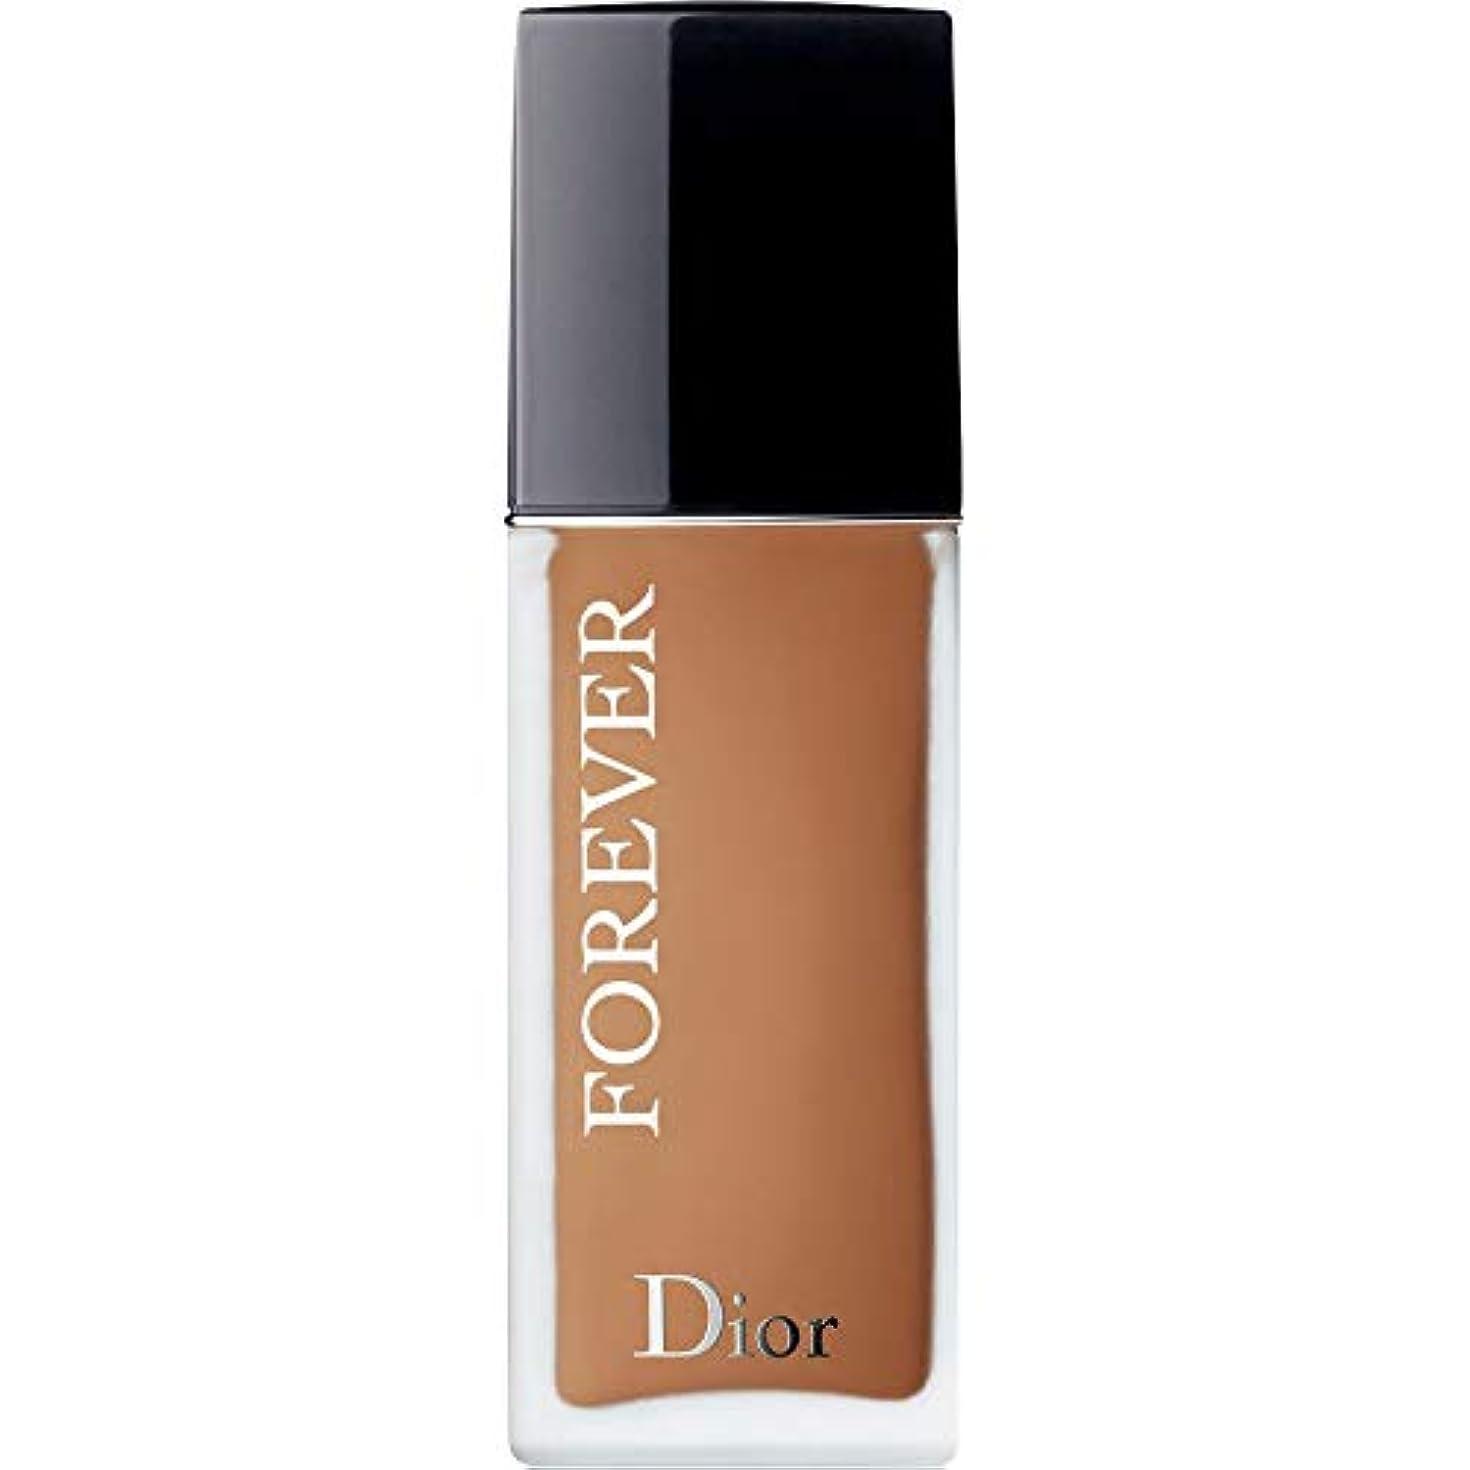 回転最少目的[Dior ] ディオール永遠皮膚思いやりの基盤Spf35 30ミリリットルの5ワット - 暖かい(つや消し) - DIOR Forever Skin-Caring Foundation SPF35 30ml 5W -...